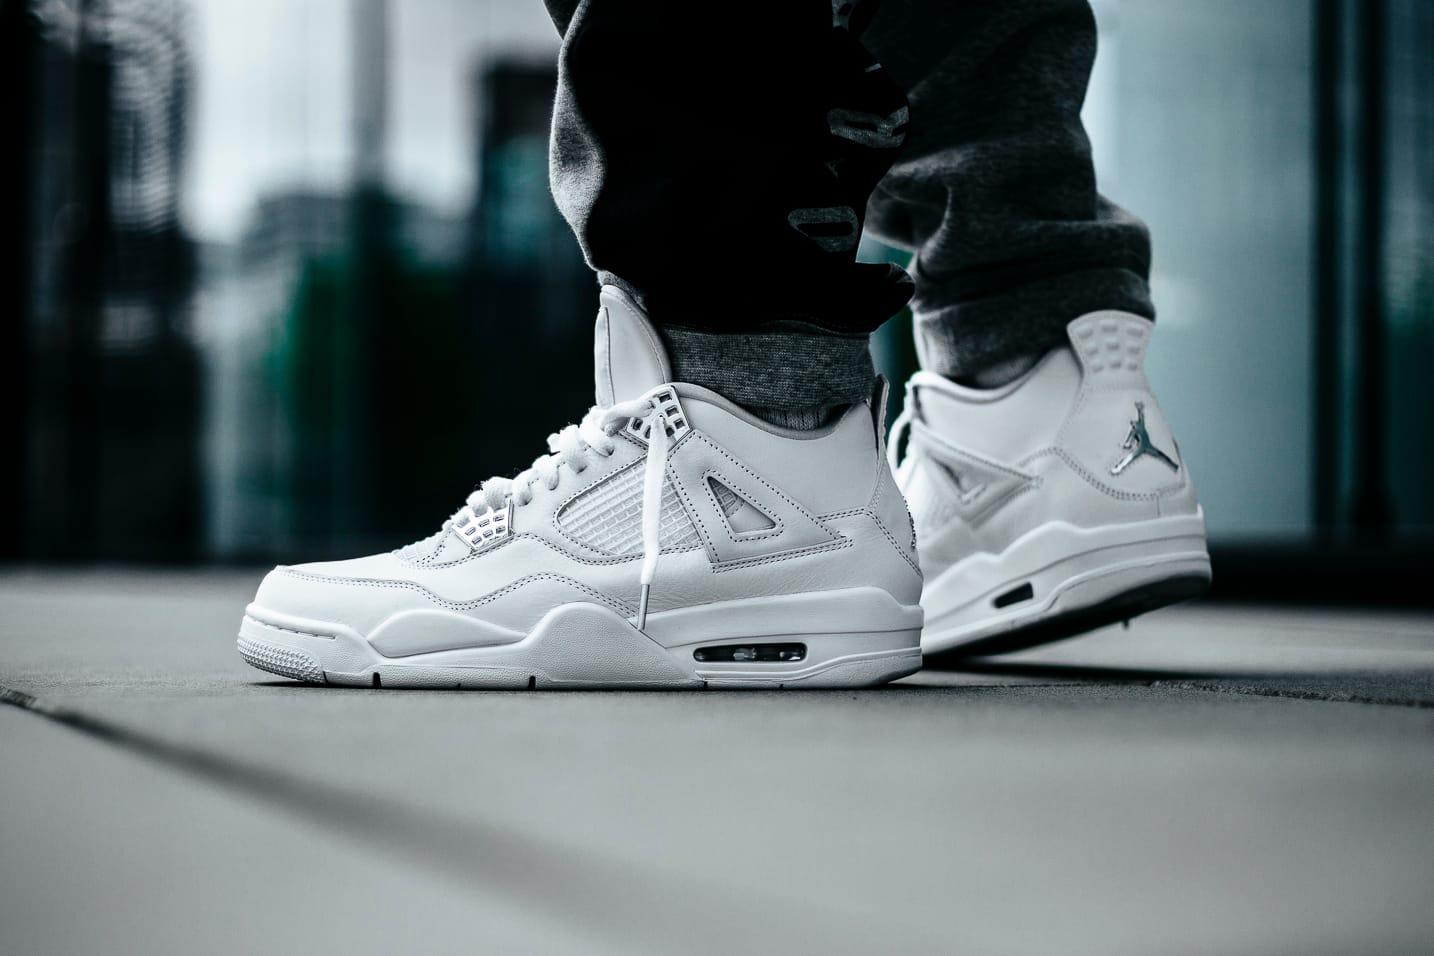 Nike Air Jordan 4 Pure Money Retro